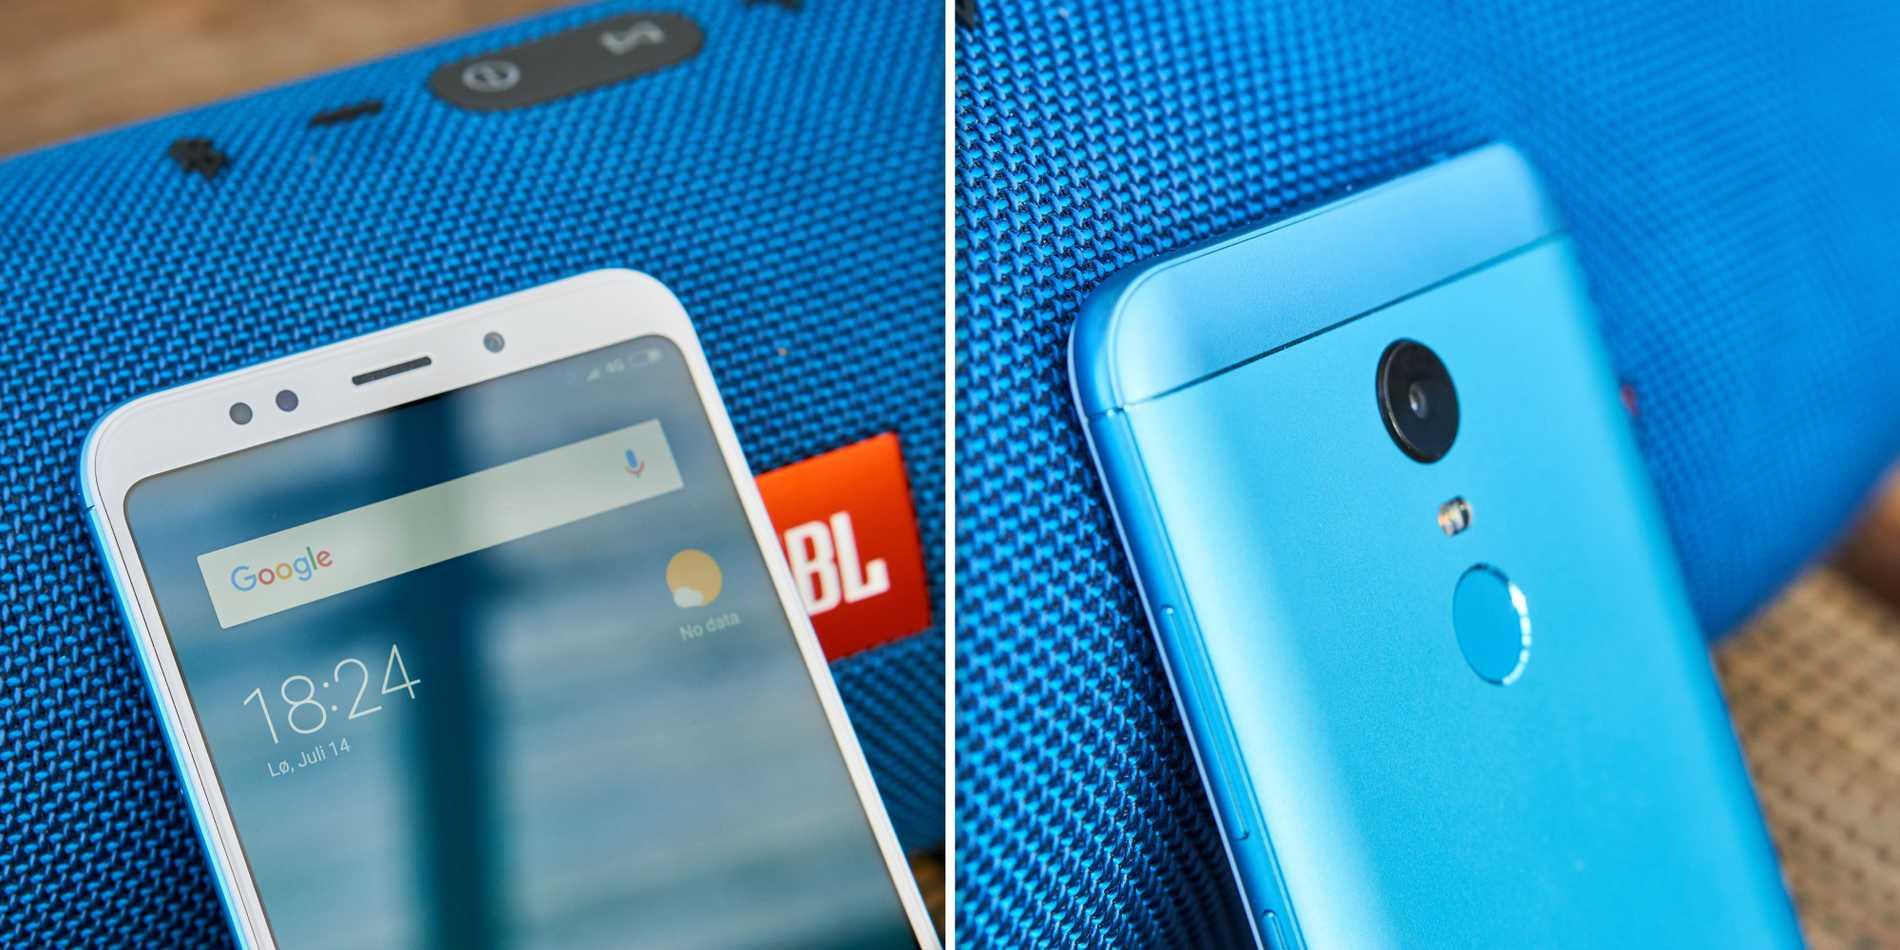 Xiaomi Redmi 5 Plus är utrustad med bra kameror både fram och bak.